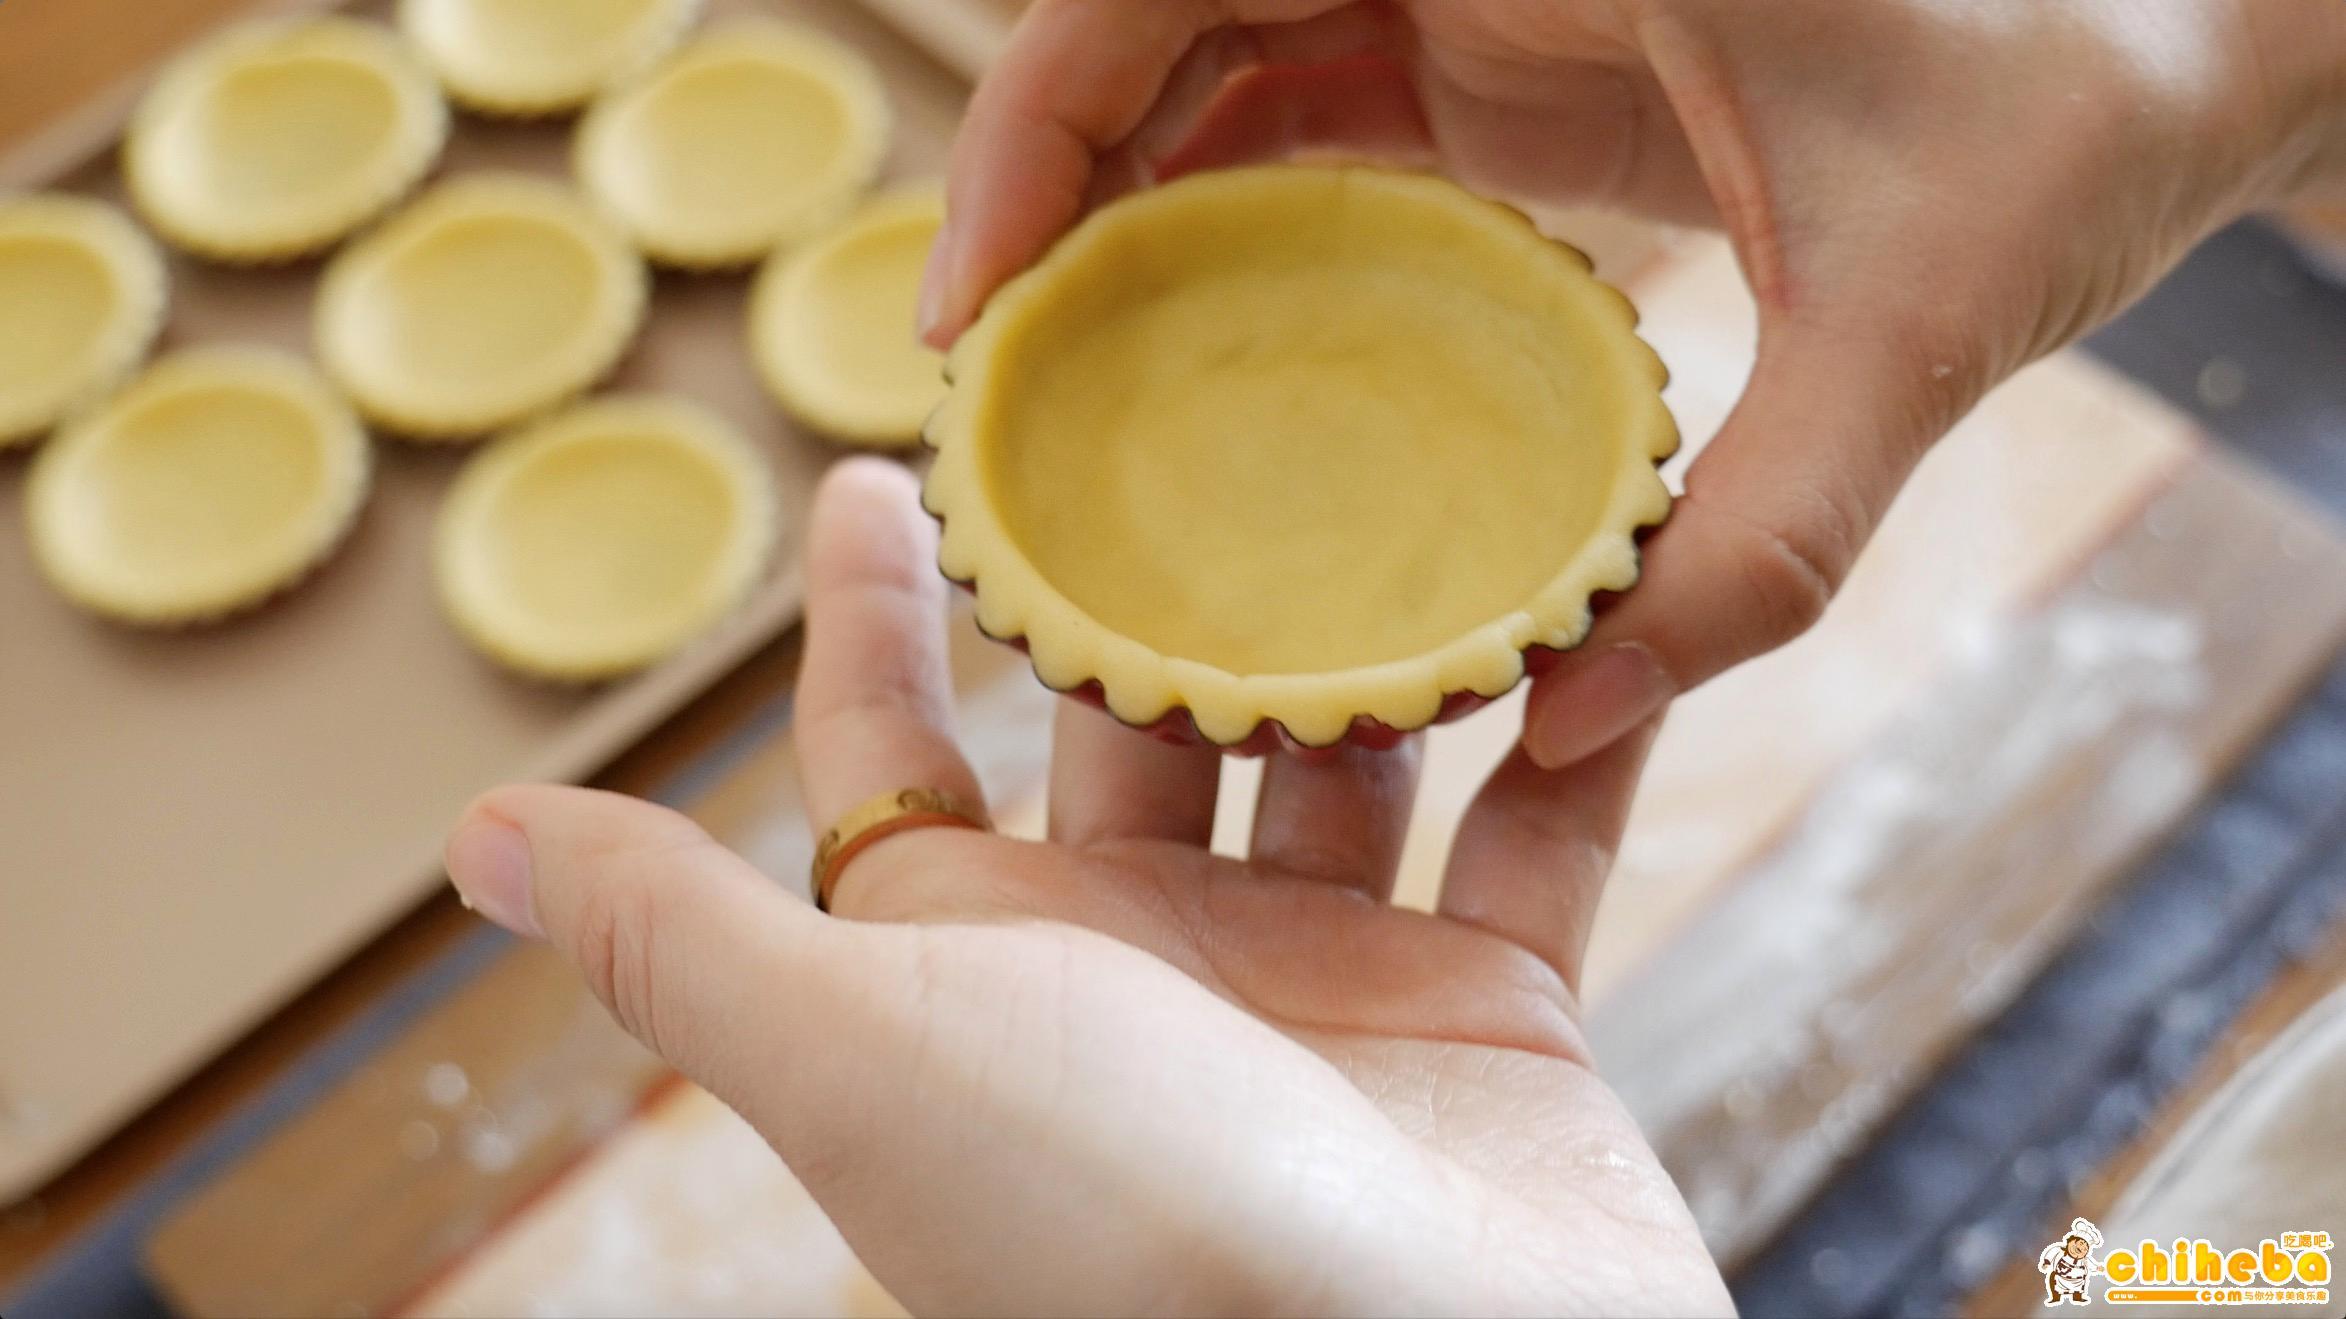 流心芝士塔---来自林育瑋大师分享的配方,秒杀一切蛋挞的做法 步骤12